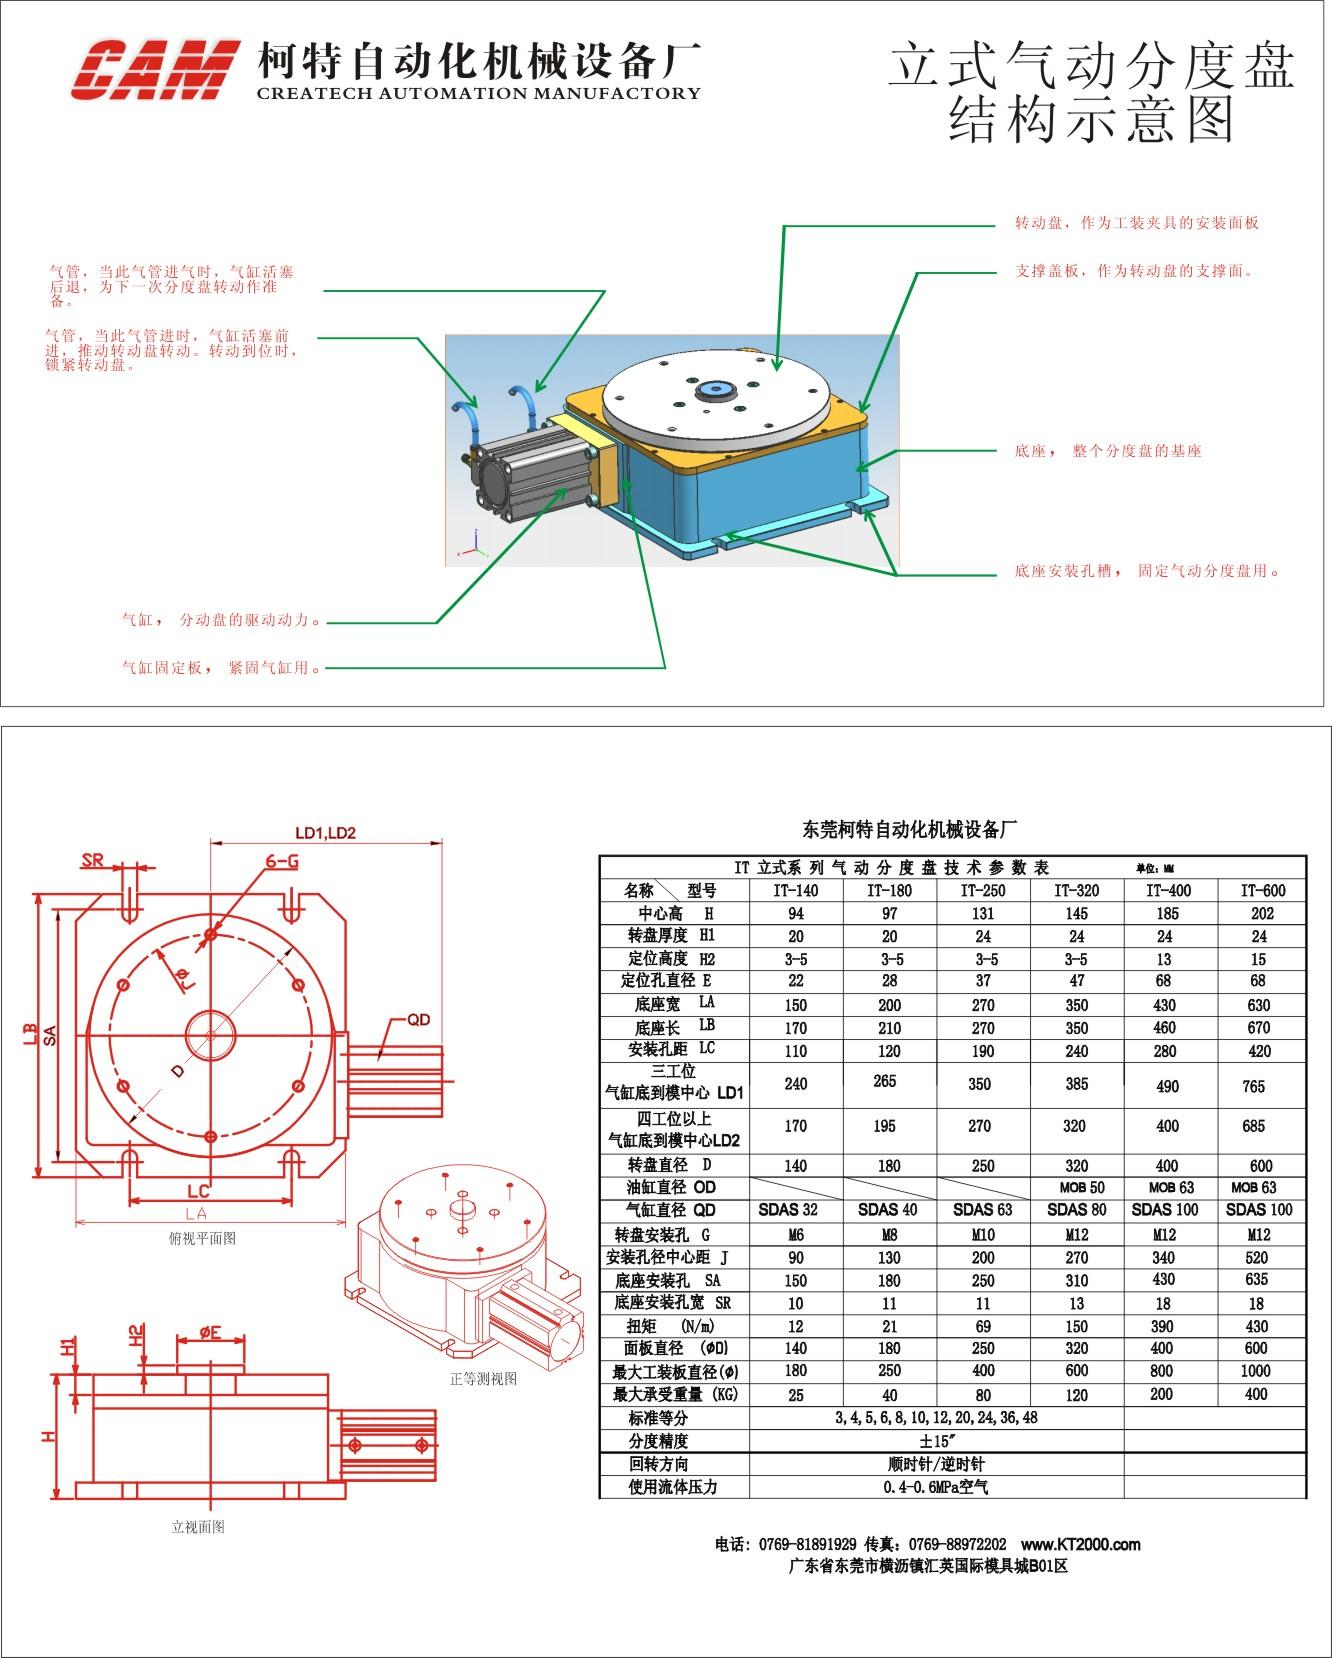 93气动分度盘it-320 东莞市横沥柯特自动化机械设备图片